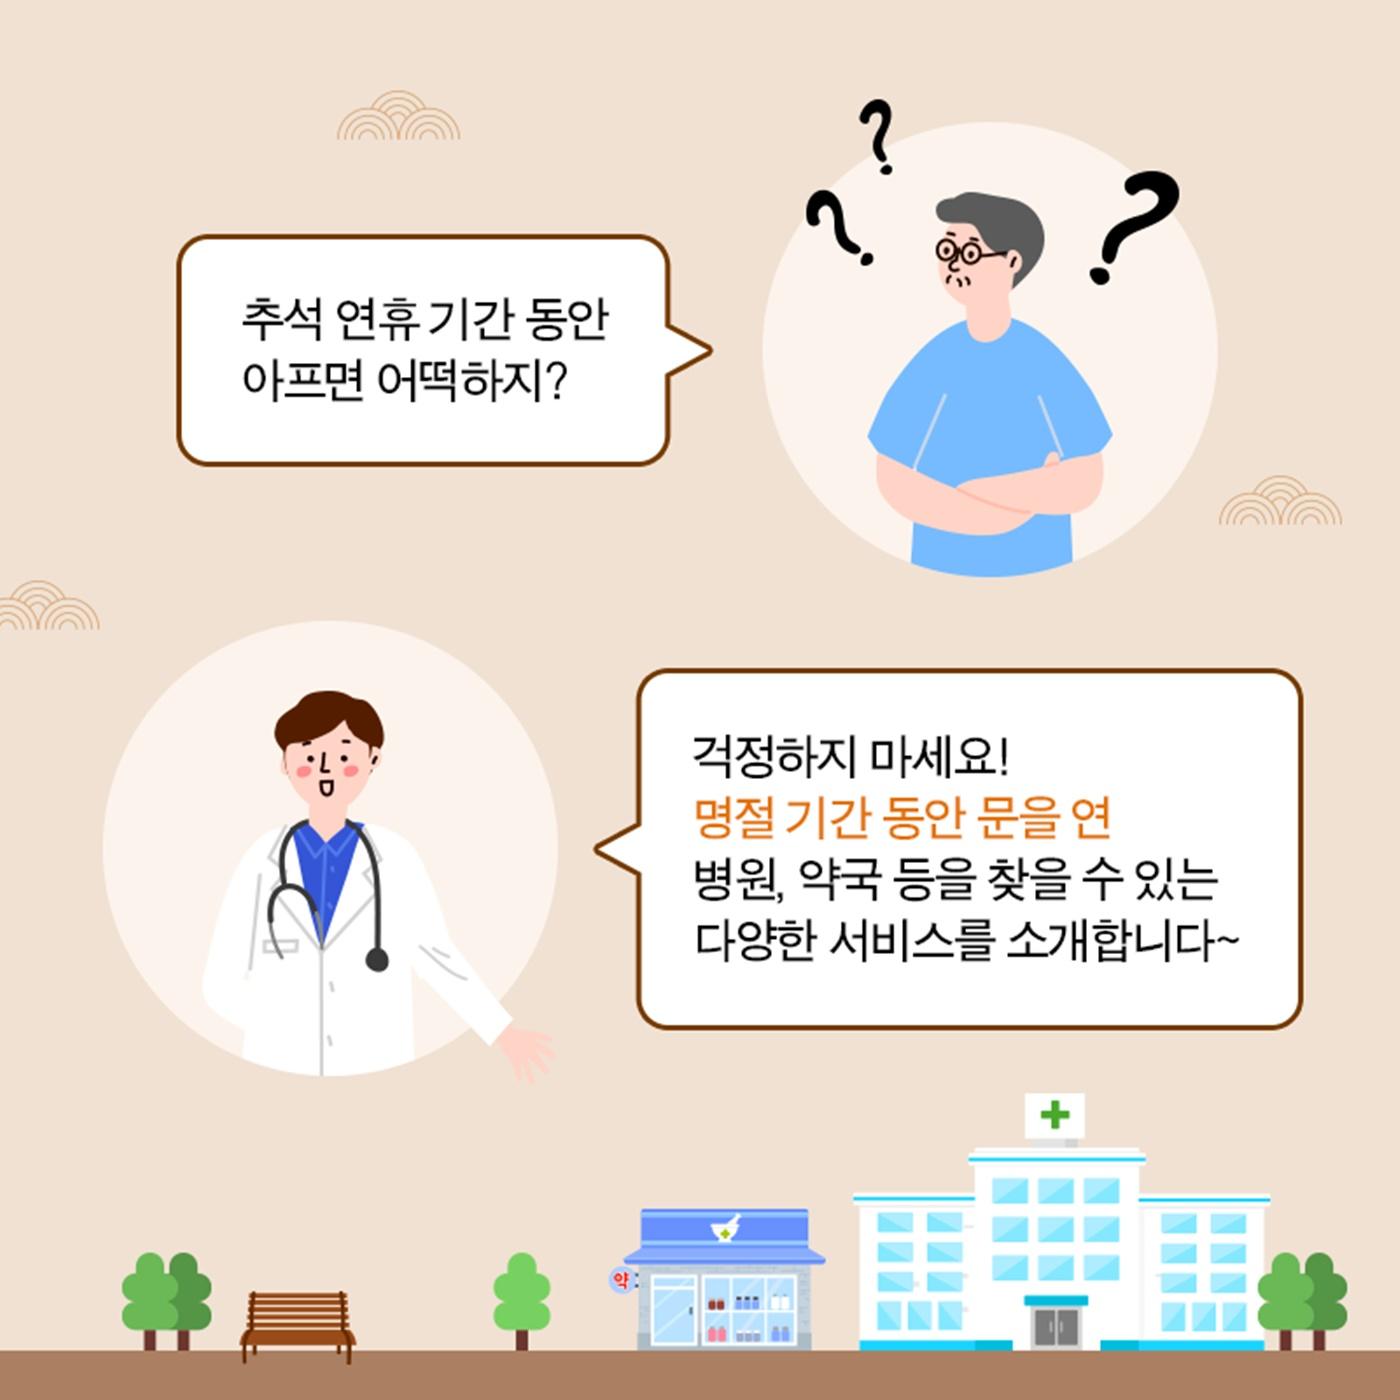 연휴에도 운영하는 병원 찾기 서비스